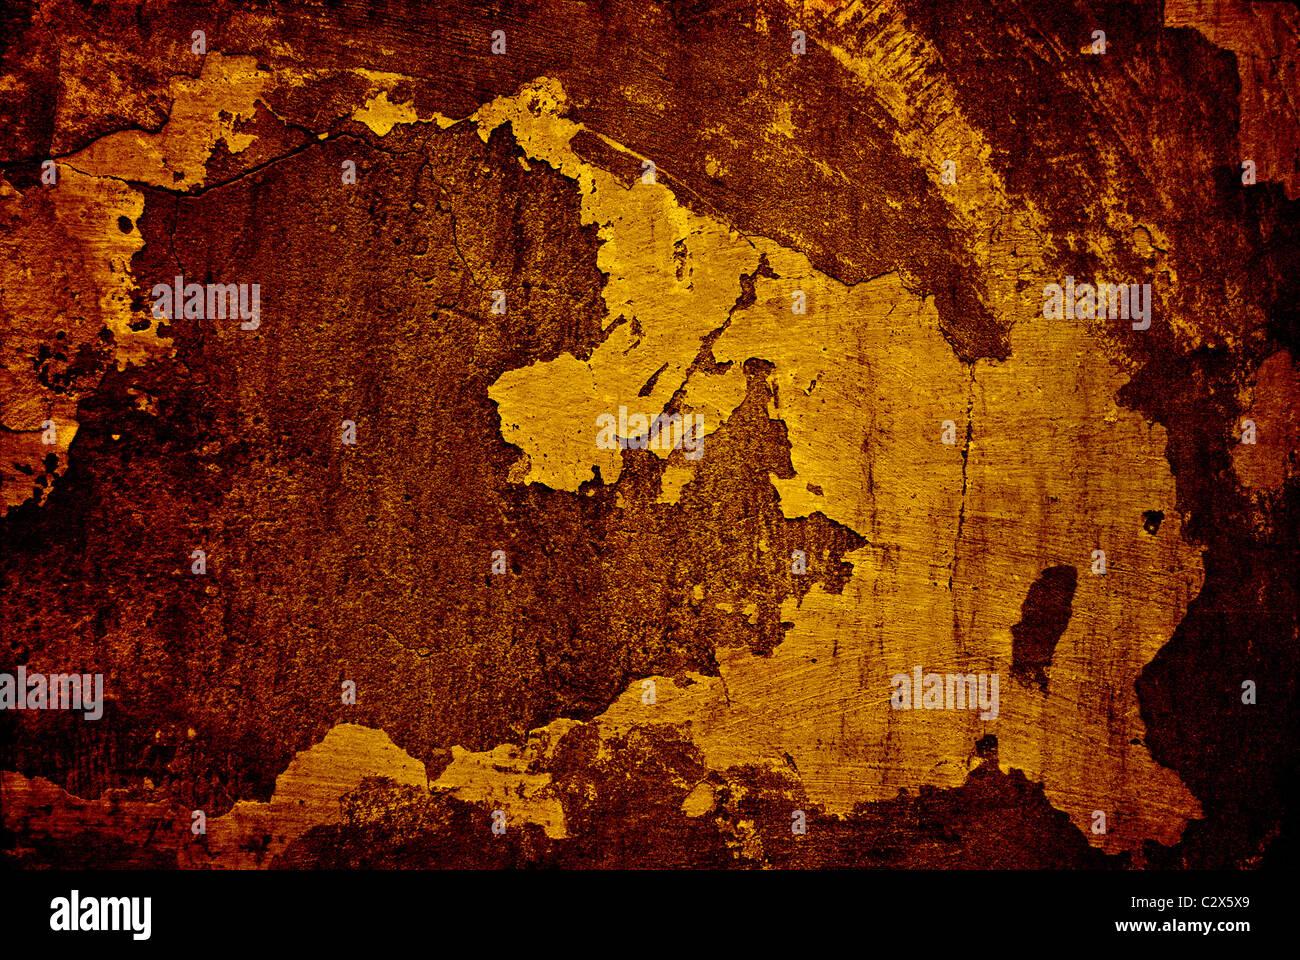 La textura de la superficie de pared sucia Imagen De Stock